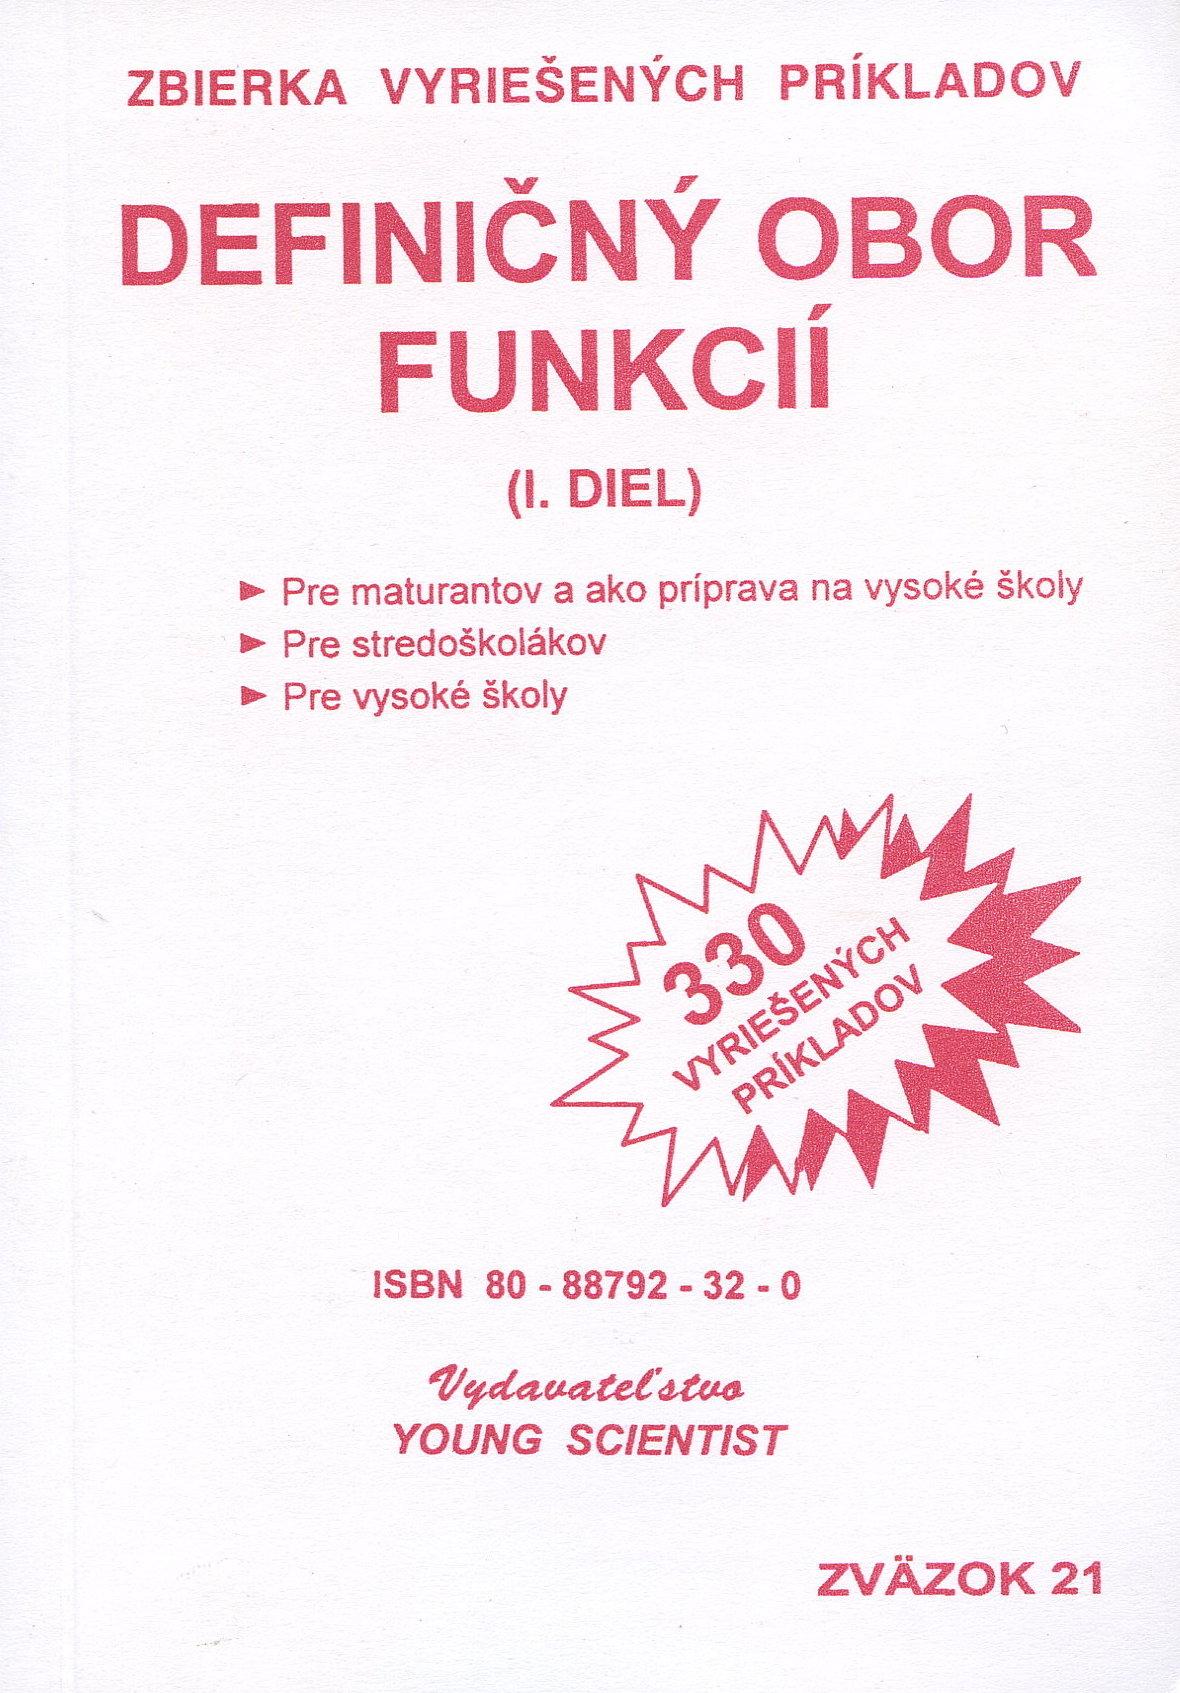 Definičný obor funkcií, I. diel - 330 vyriešených príkladov